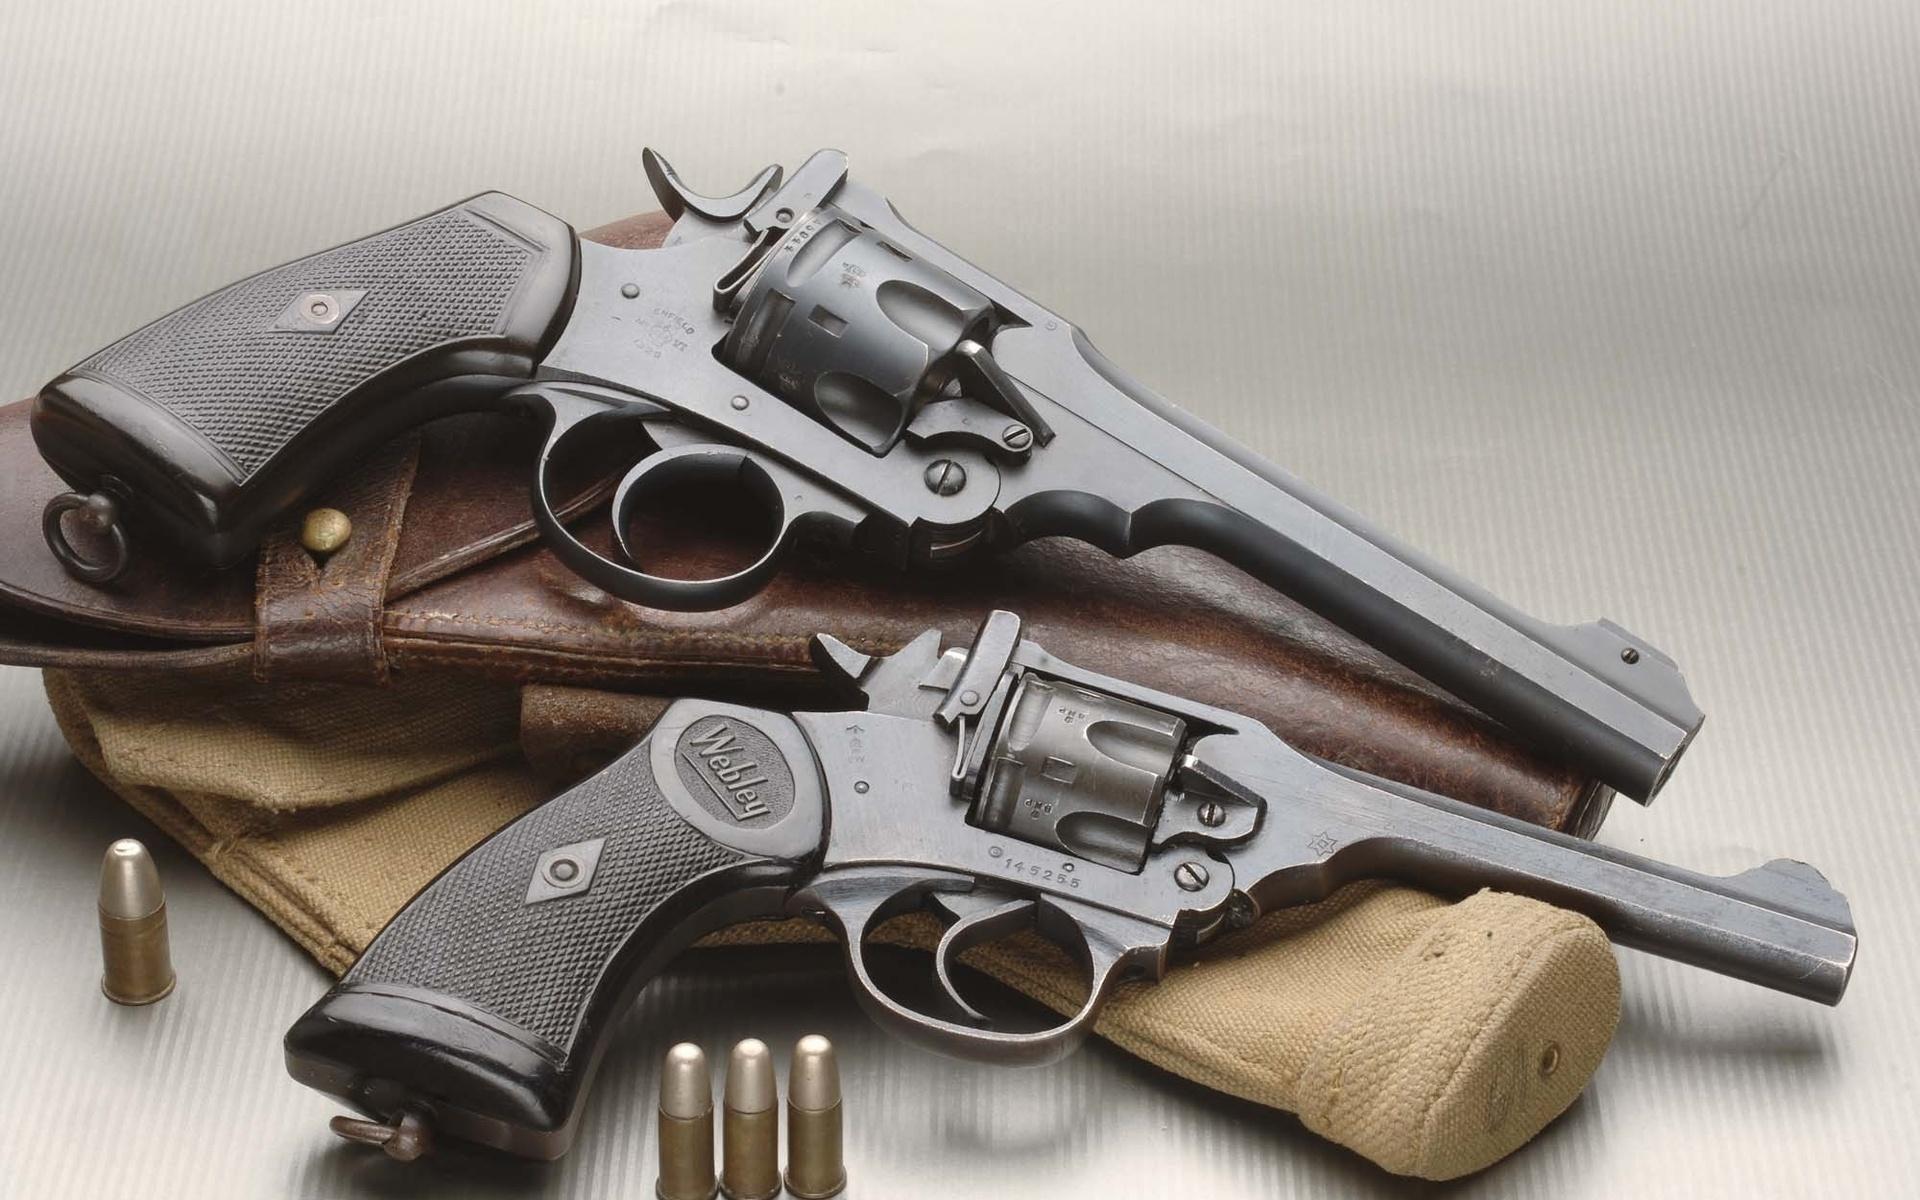 револьверы, кобура, патроны